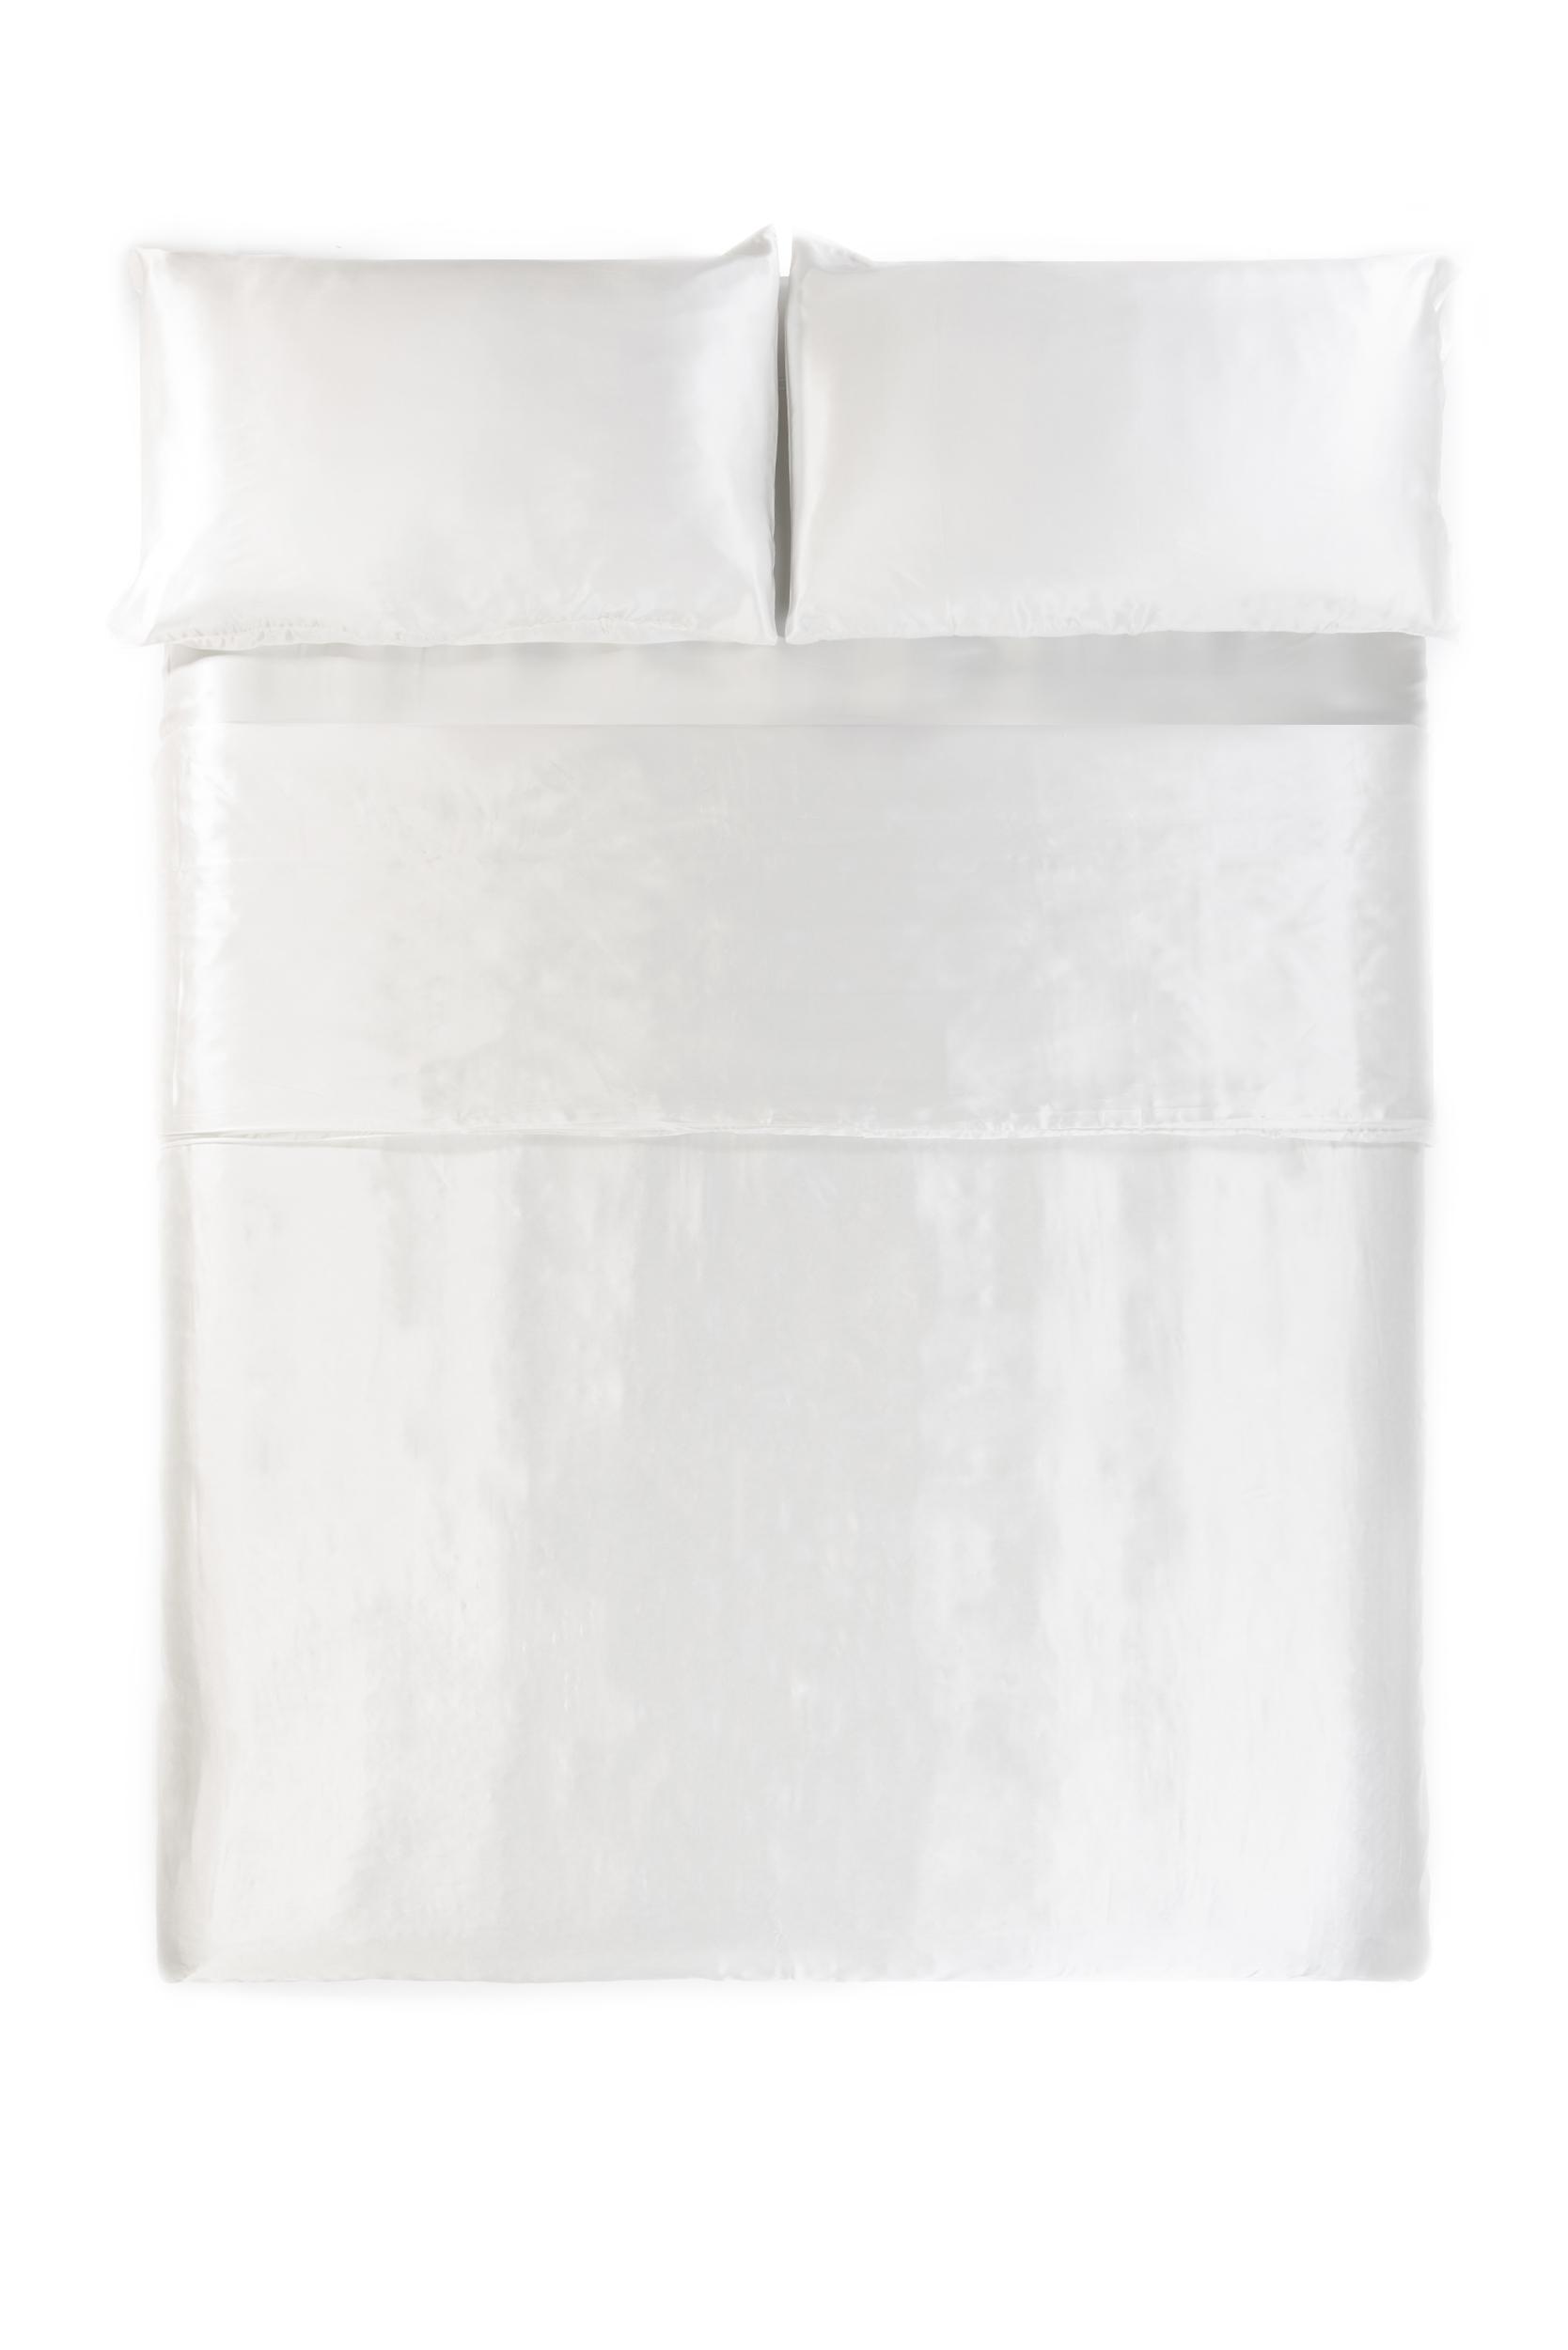 Silk White Duvet Cover